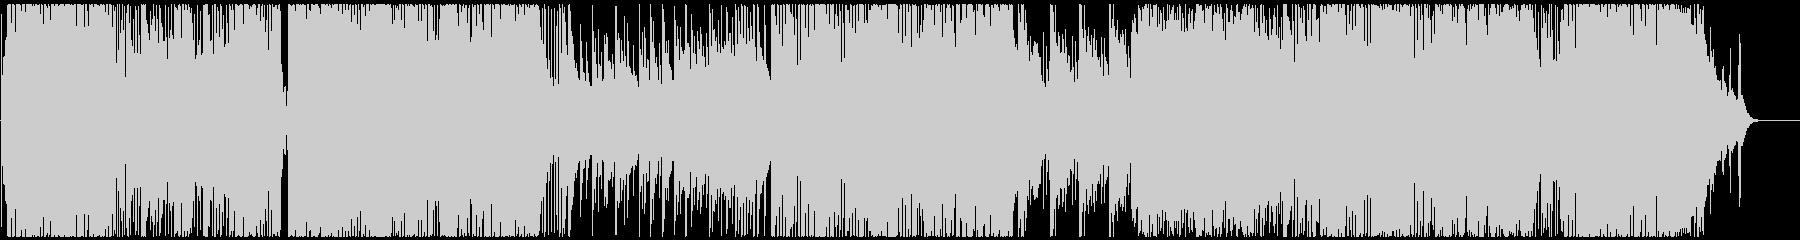 4/5拍子で展開する和風ピアノインストの未再生の波形